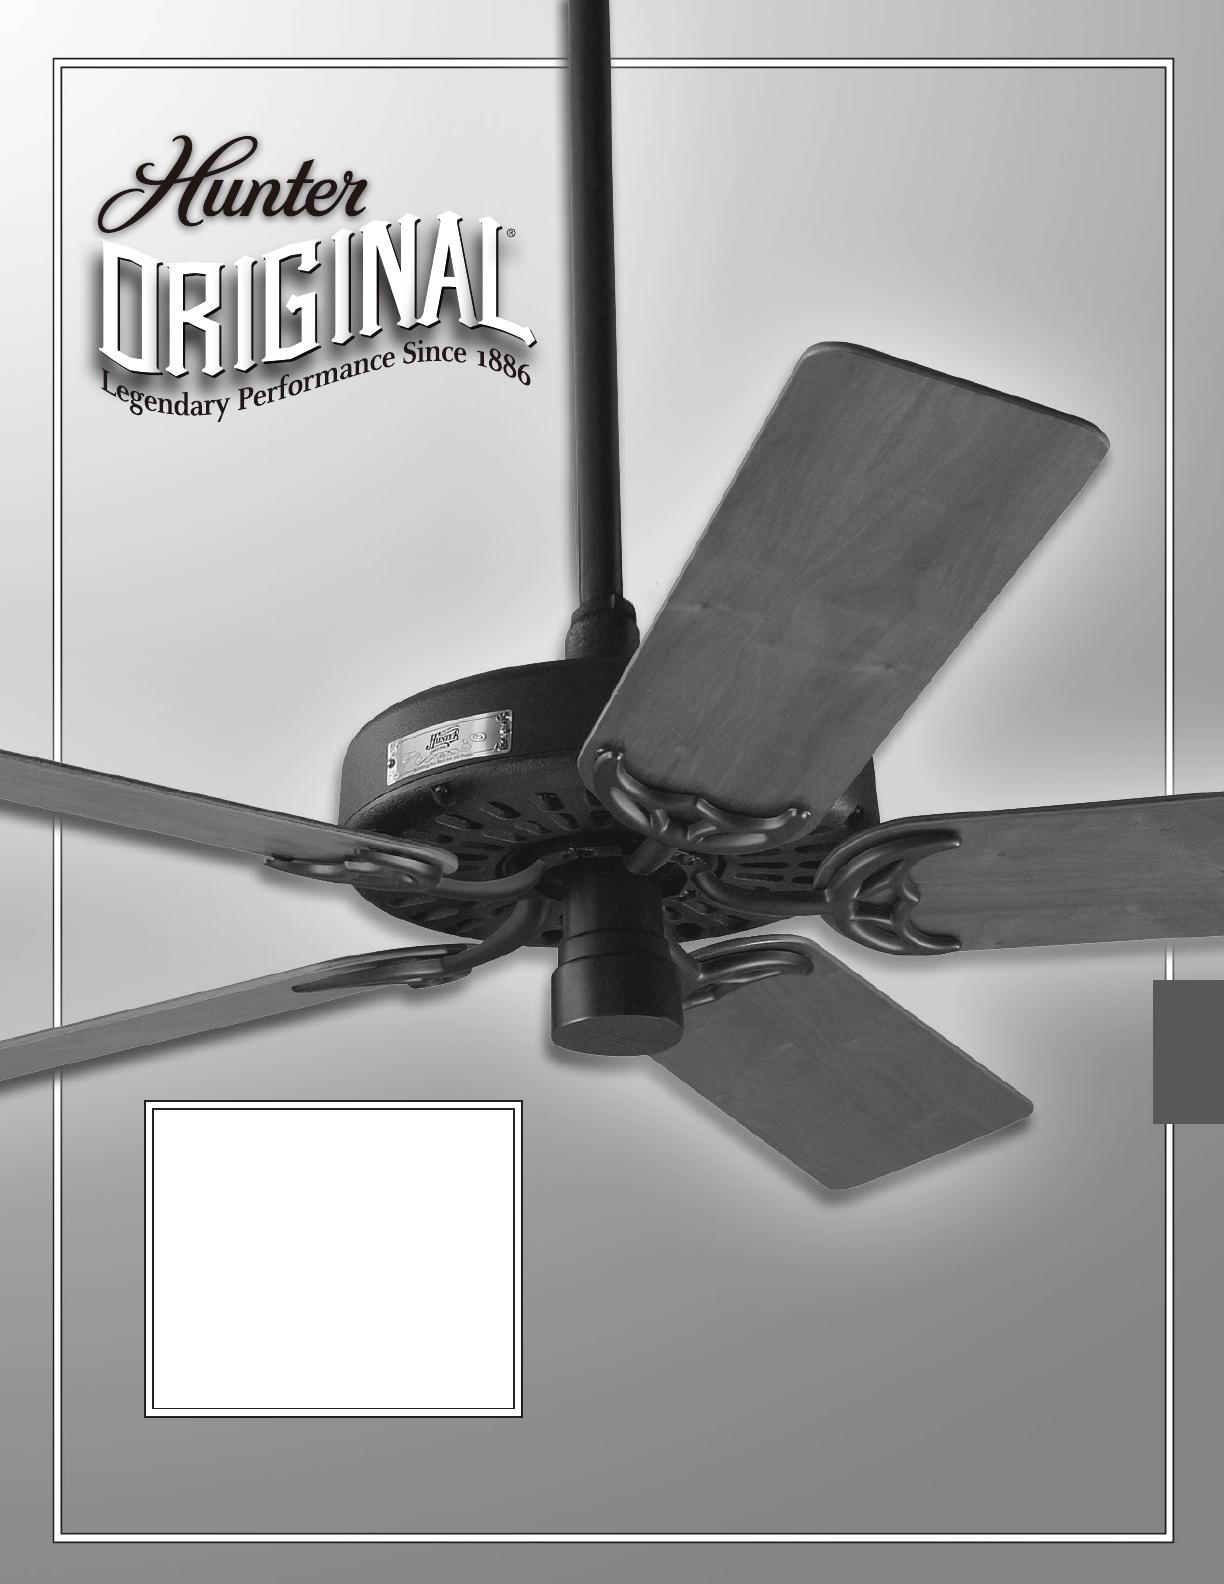 hight resolution of hunter fan fan 23838 user guide manualsonline com rh homeappliance manualsonline com ceiling fan speed switch wiring hunter ceiling fan capacitors